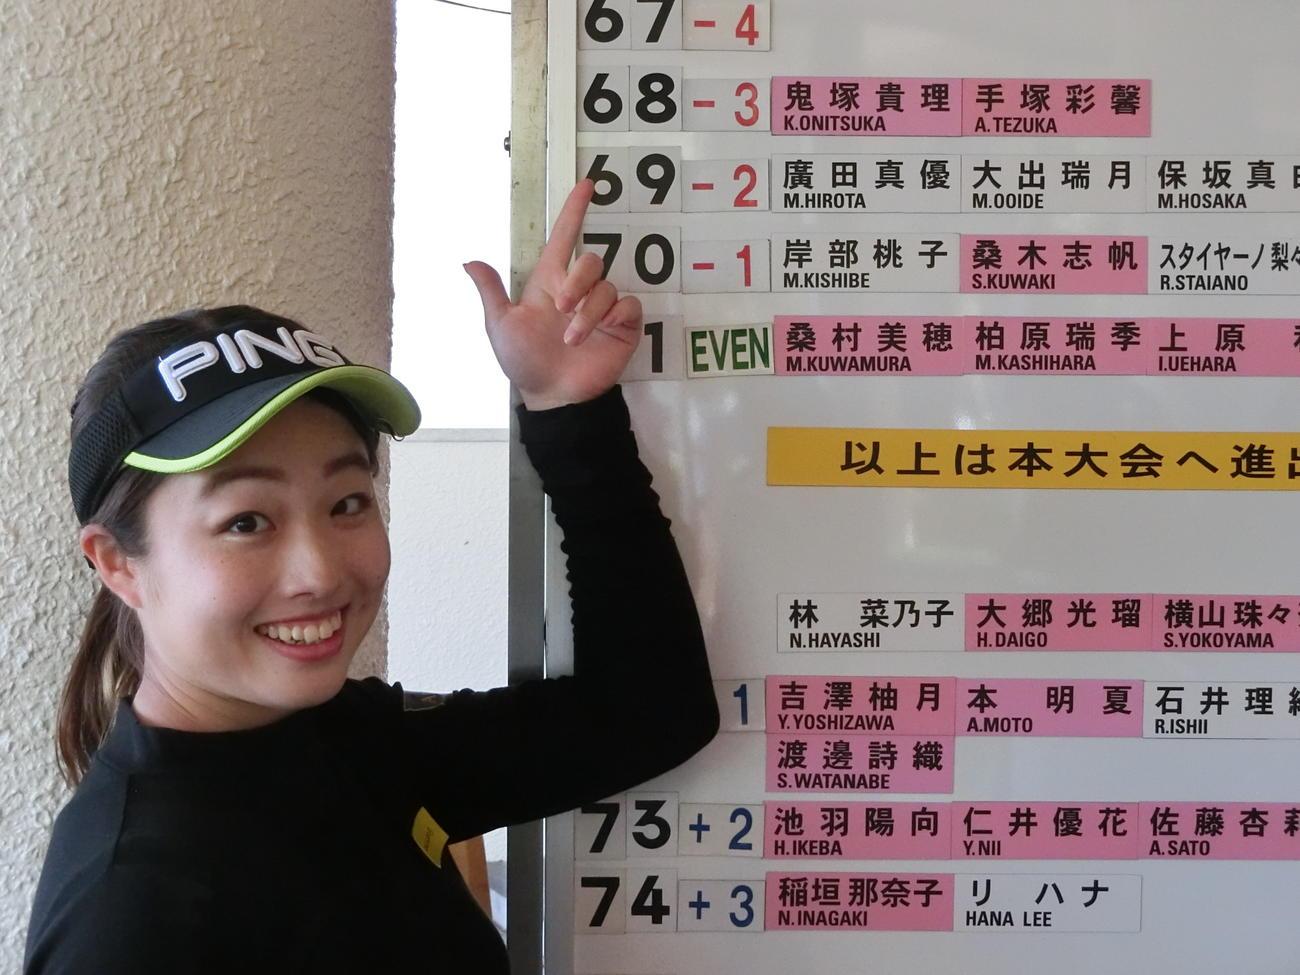 フジサンケイ・レディースの主催者推薦選考会で首位となり、本戦出場権を獲得したアマチュアの鬼塚貴理